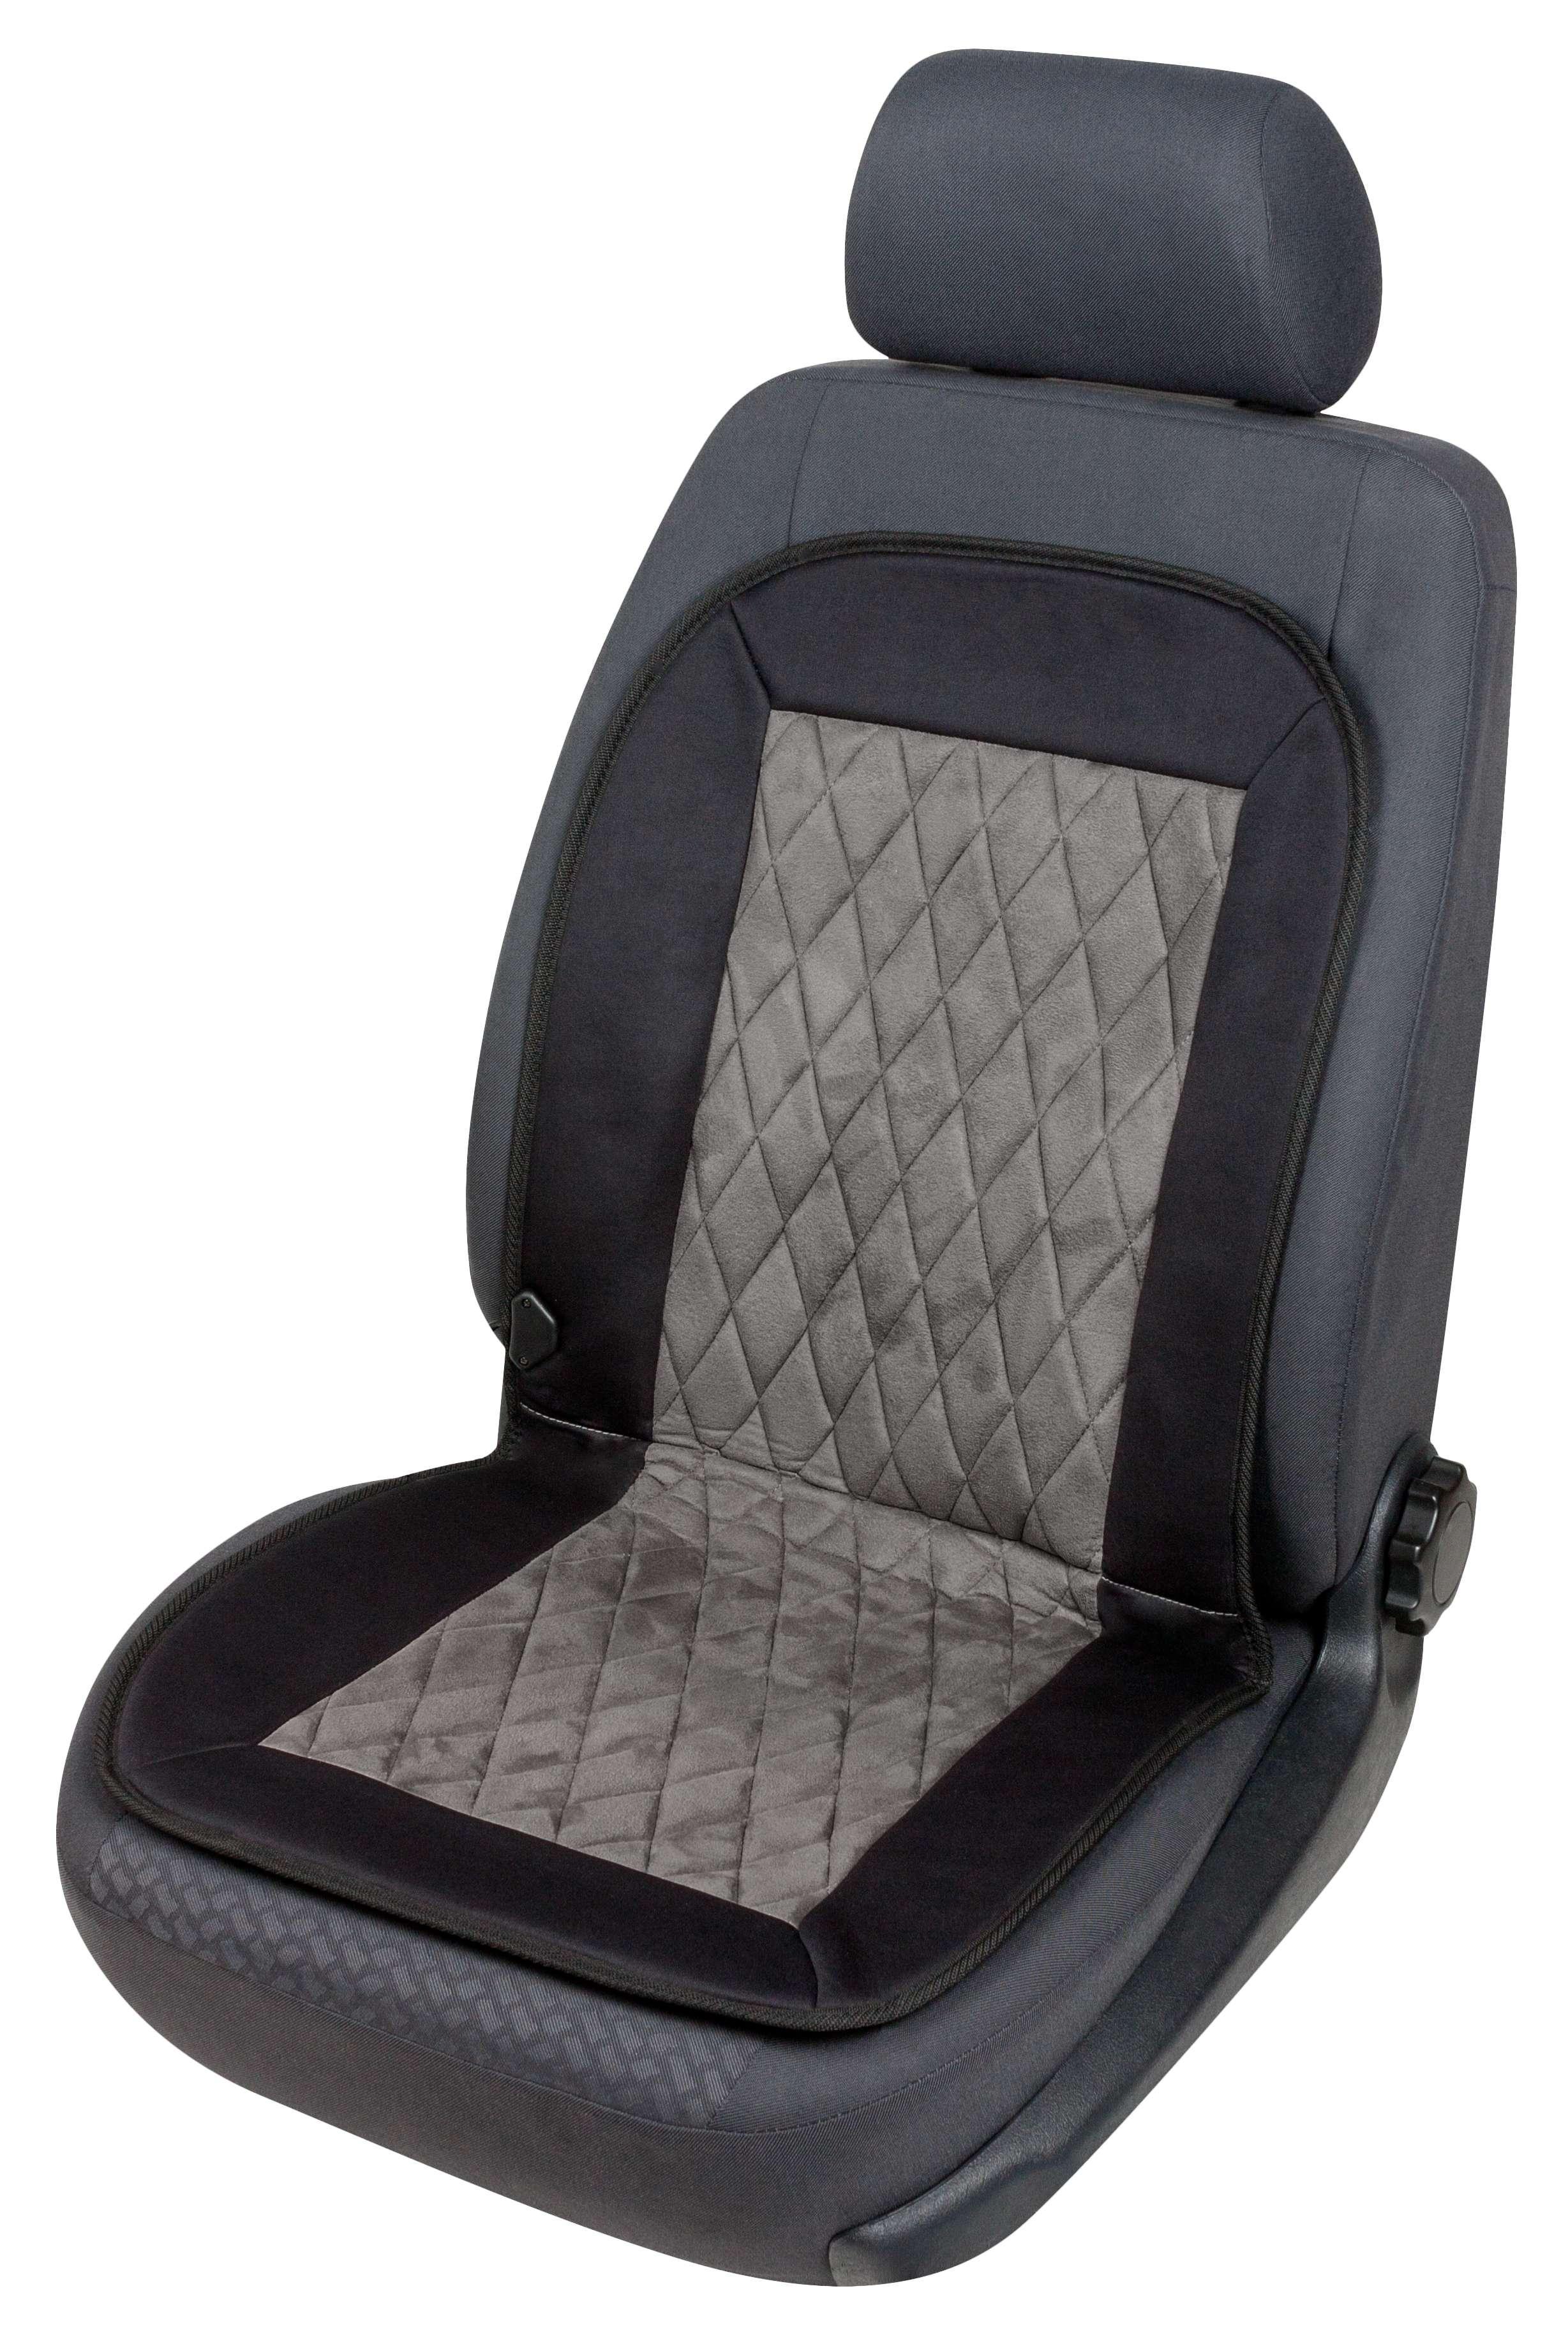 16763 WALSER Carbon Elegance 36V Sitzheizungsauflage 16763 günstig kaufen